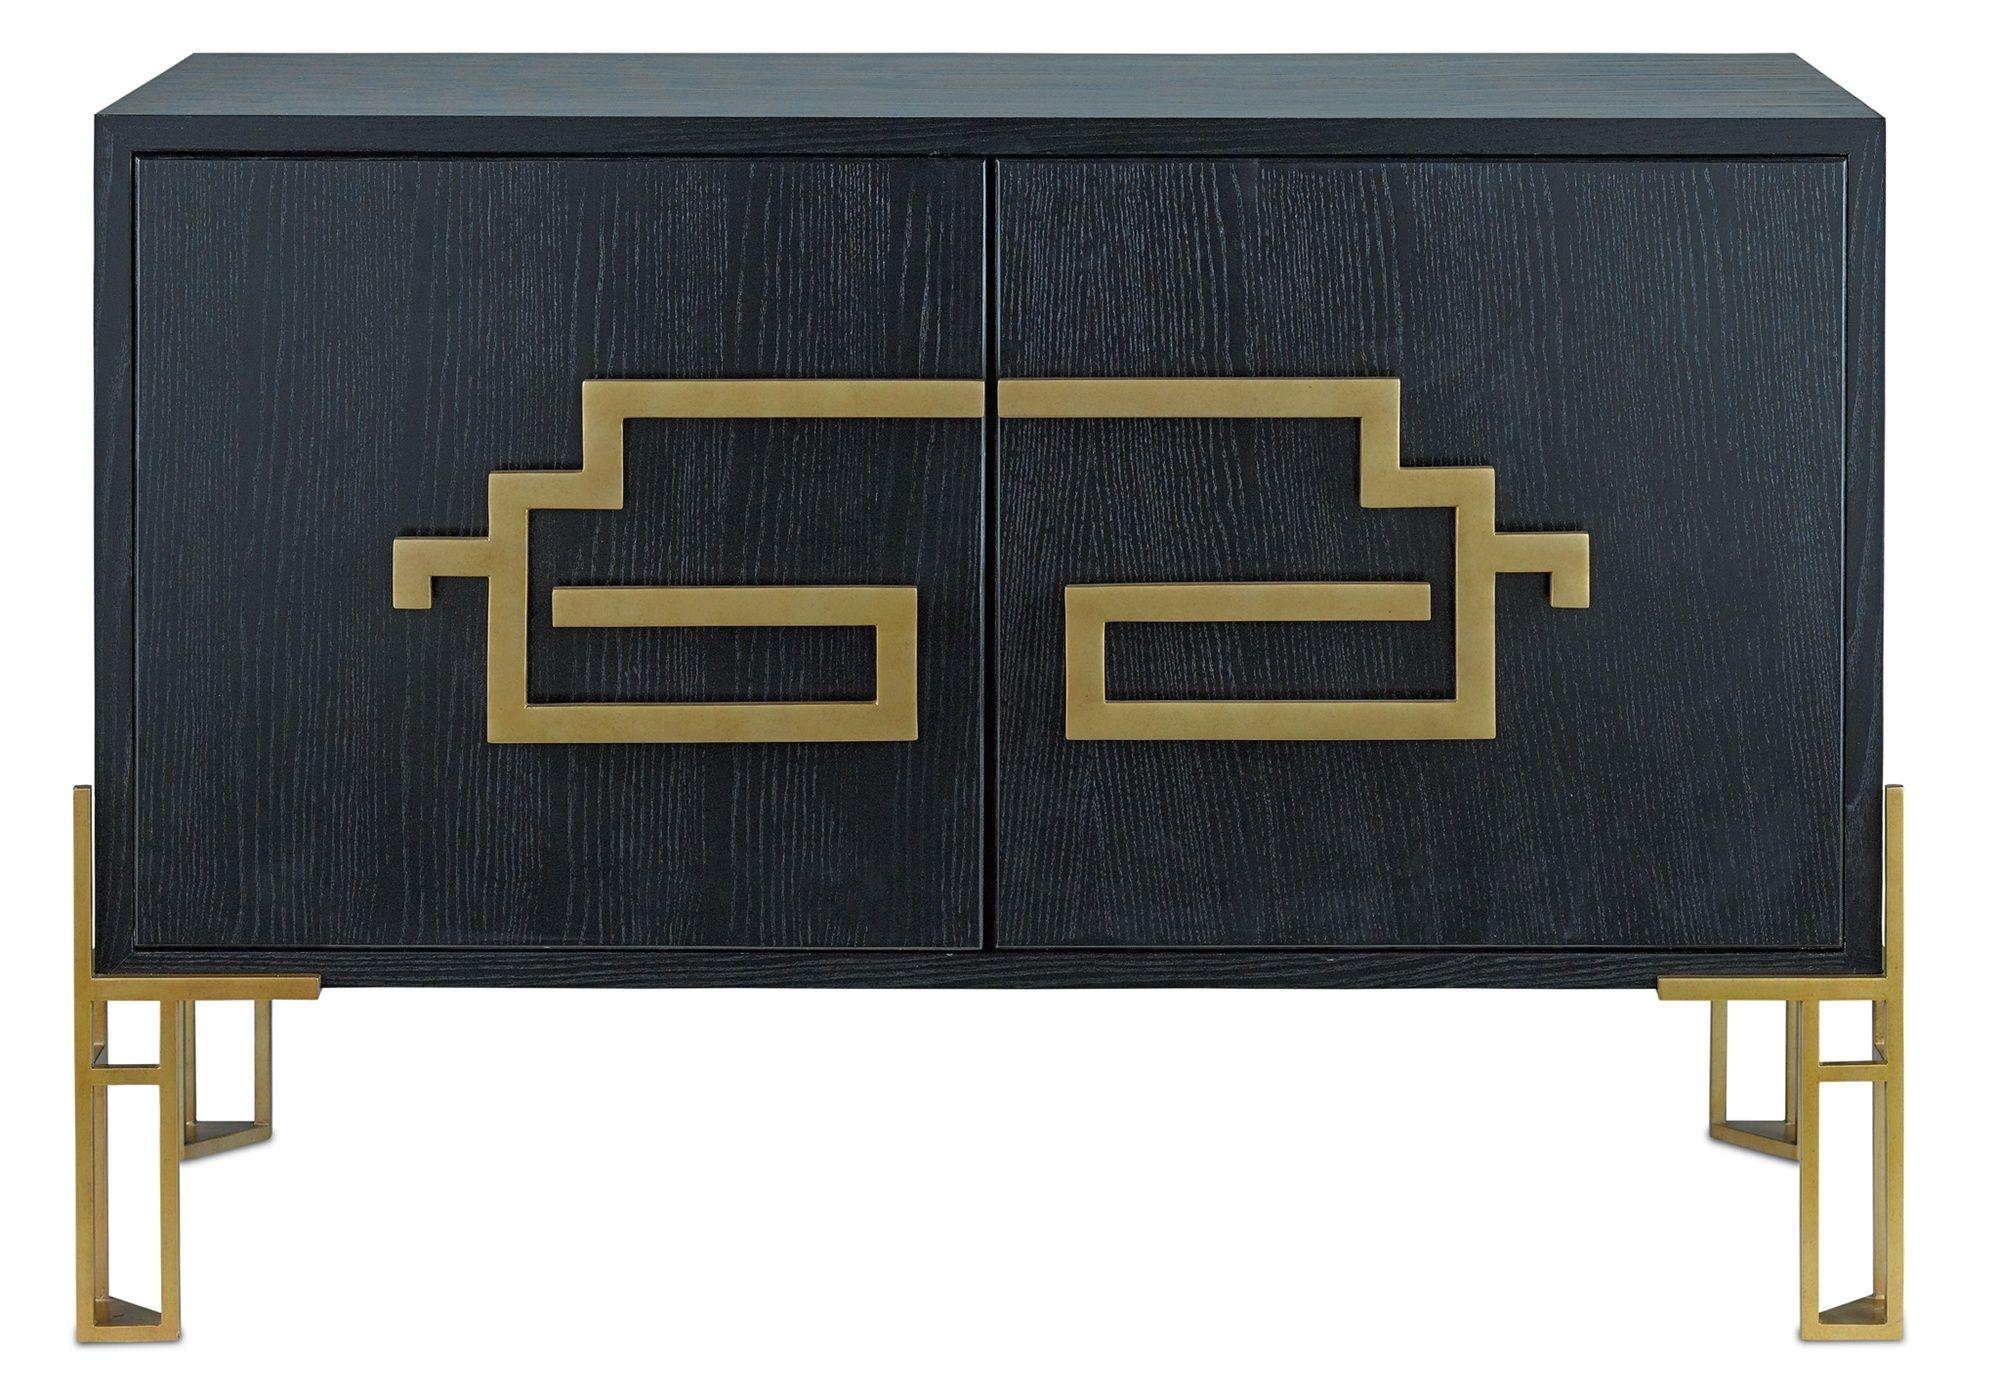 Esszimmermöbel schrank black sideboard with asianinspired gold metal hardware  muebles